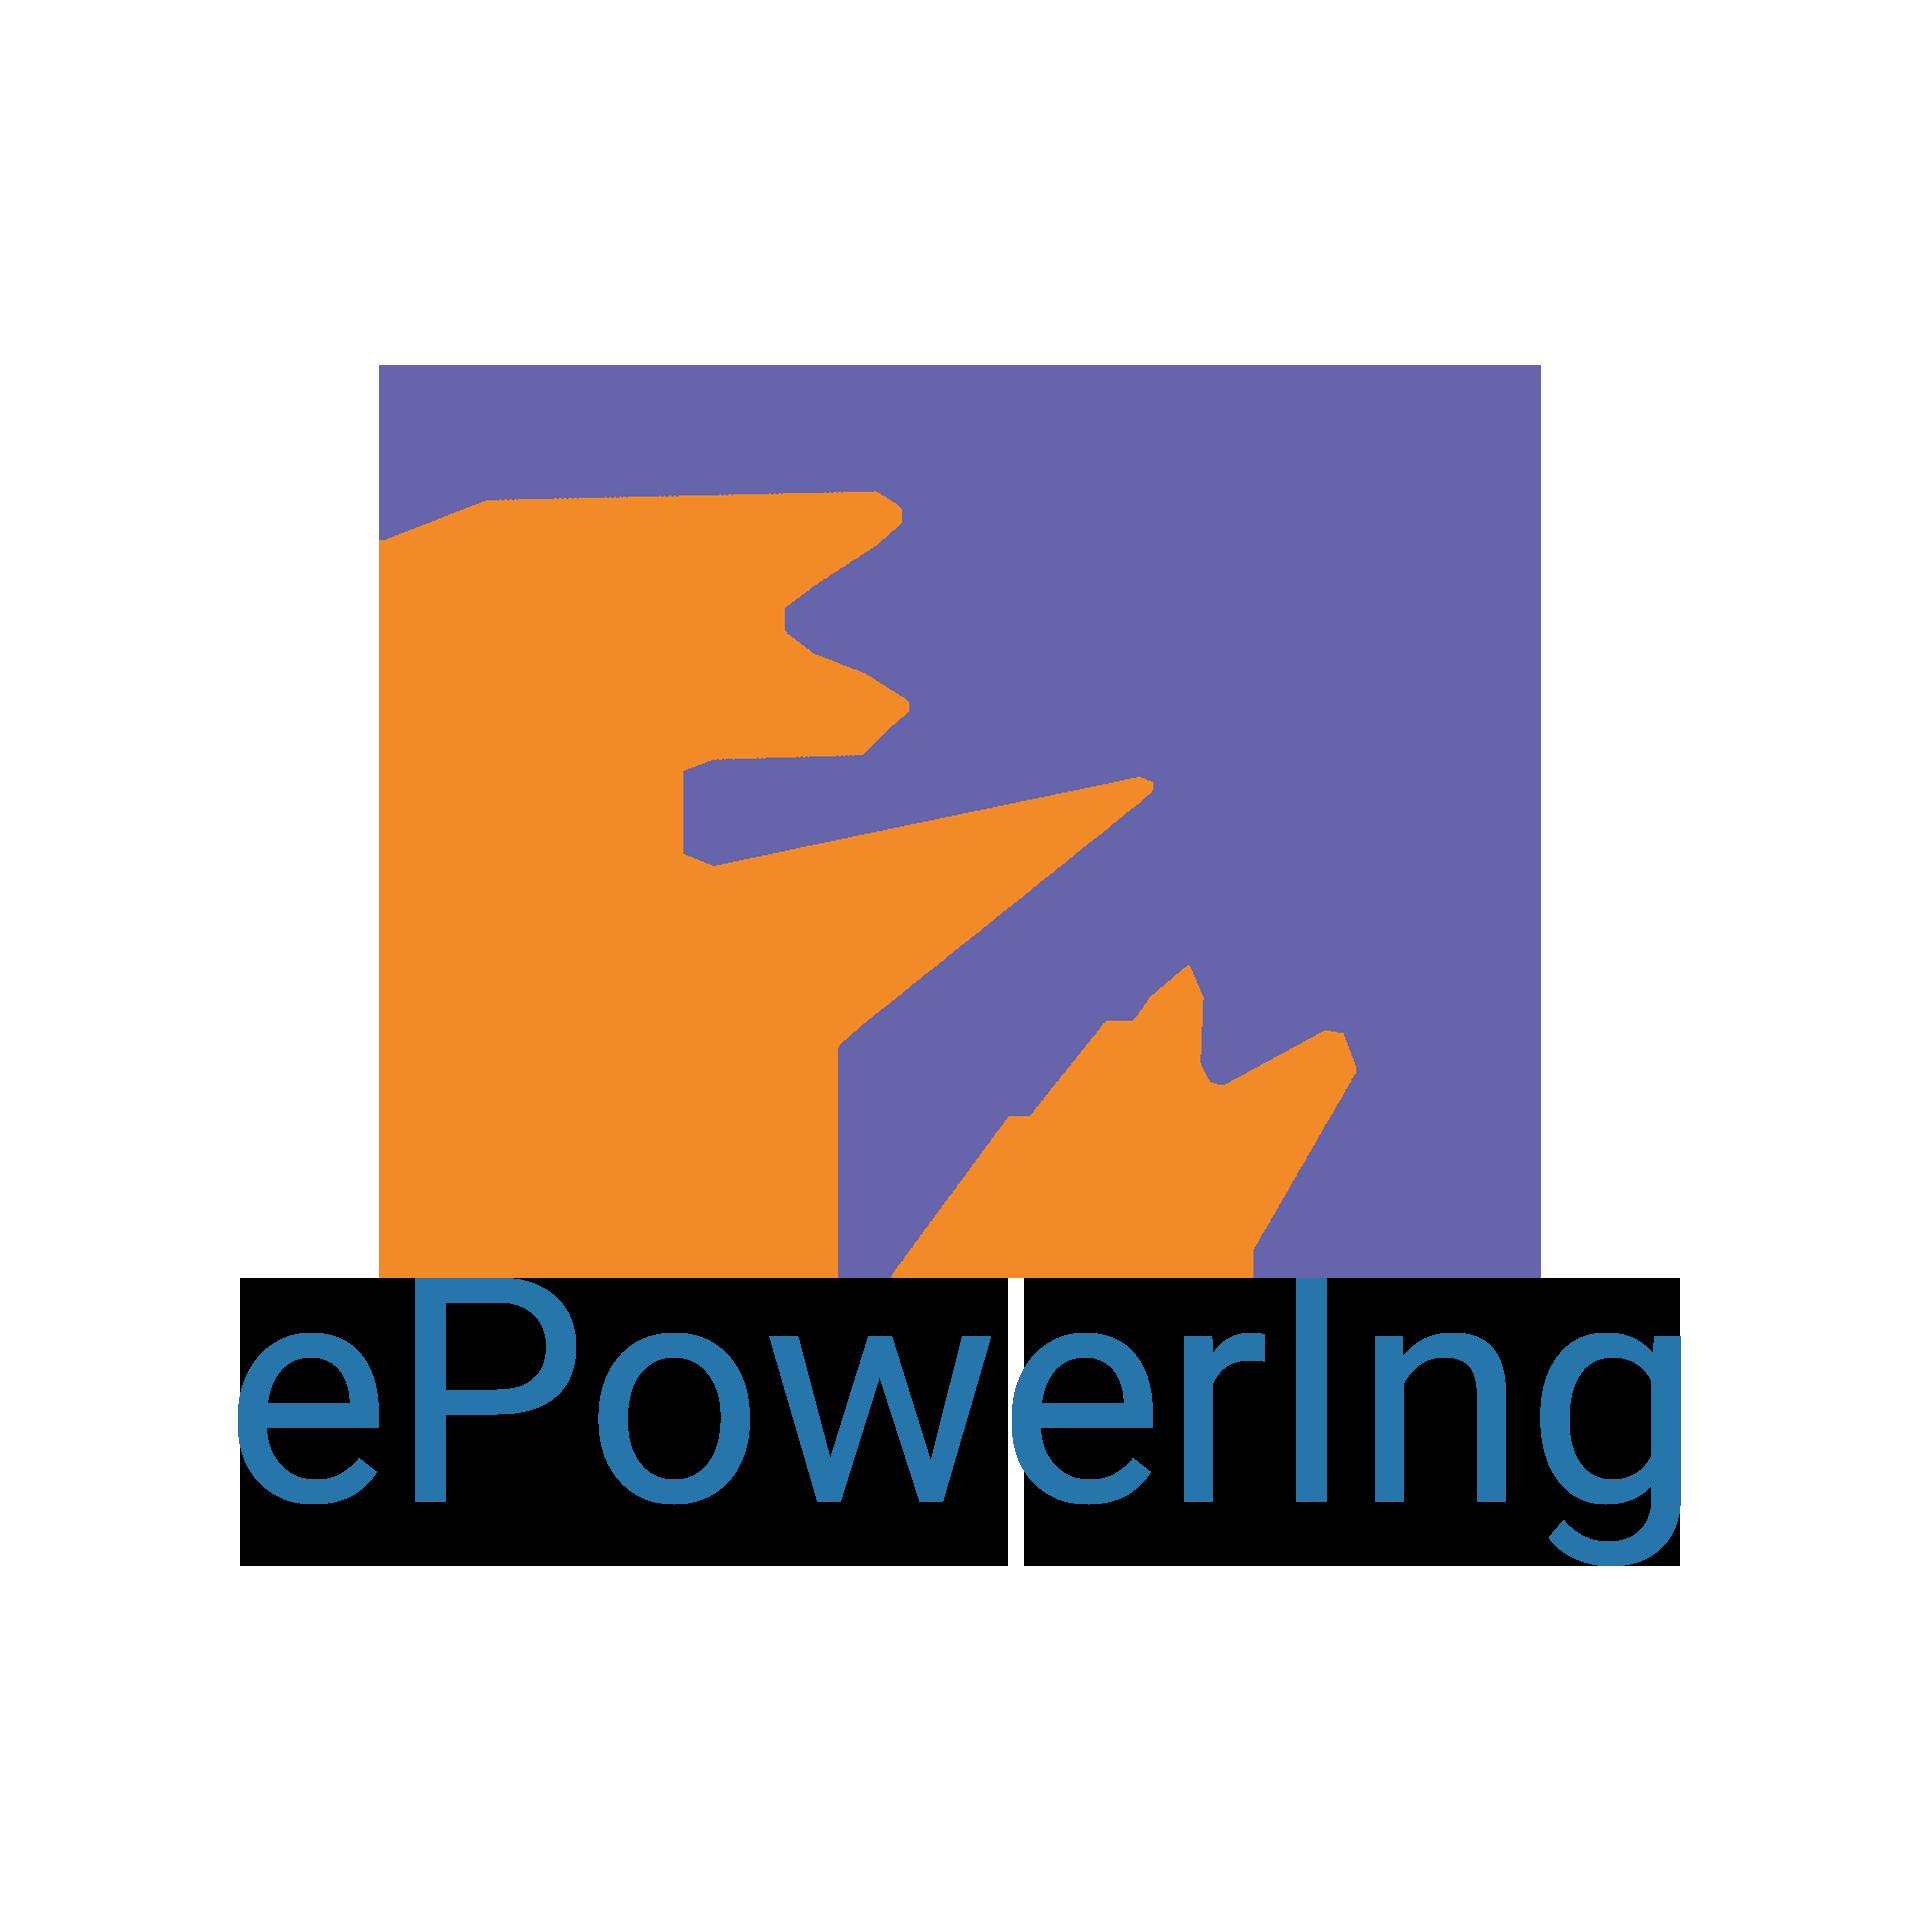 ePowerIng